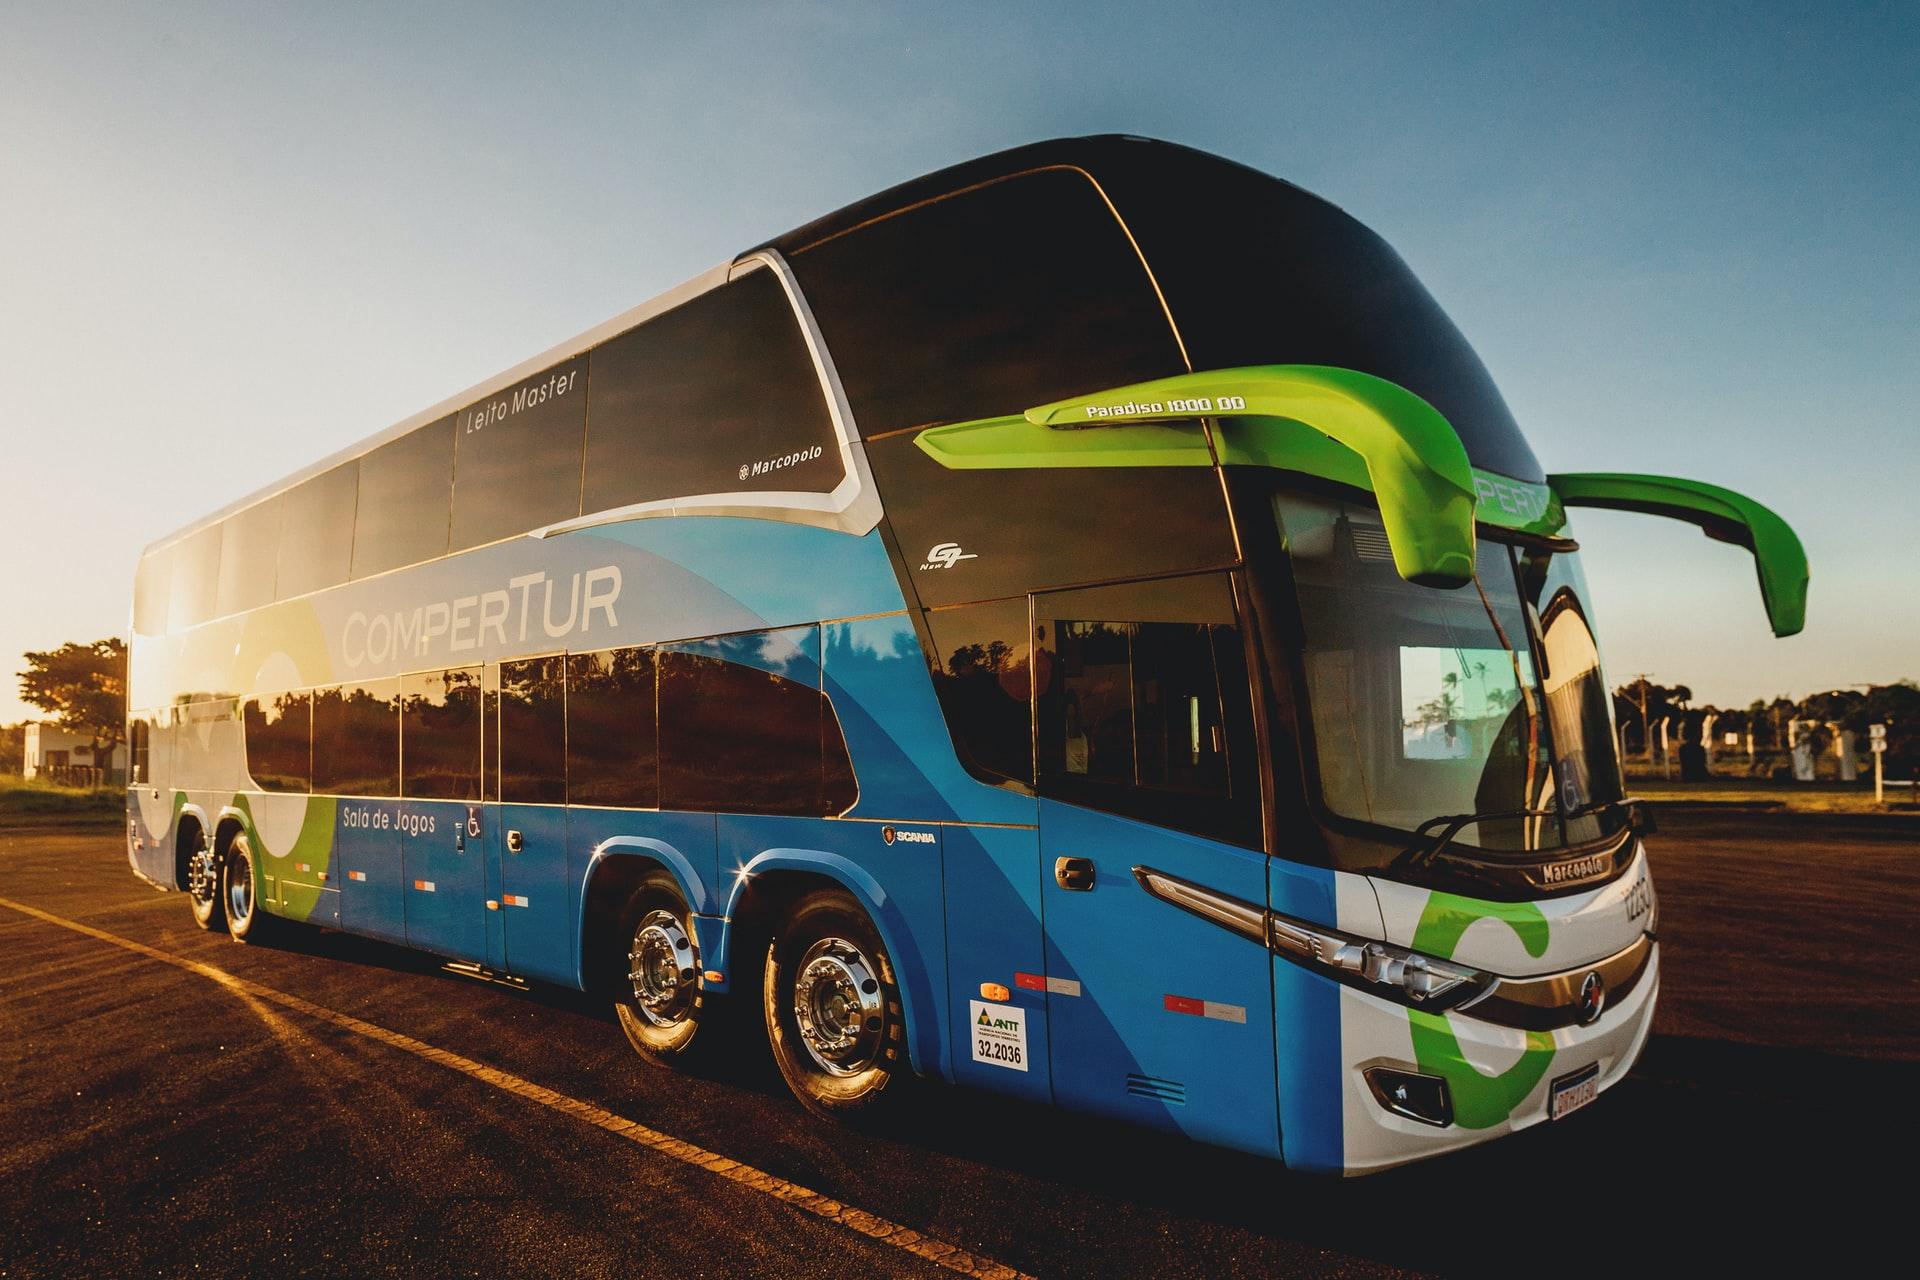 Destinar o orçamento de um ônibus à compra do carro mais rápido do mundo é uma proposta bem tentadora